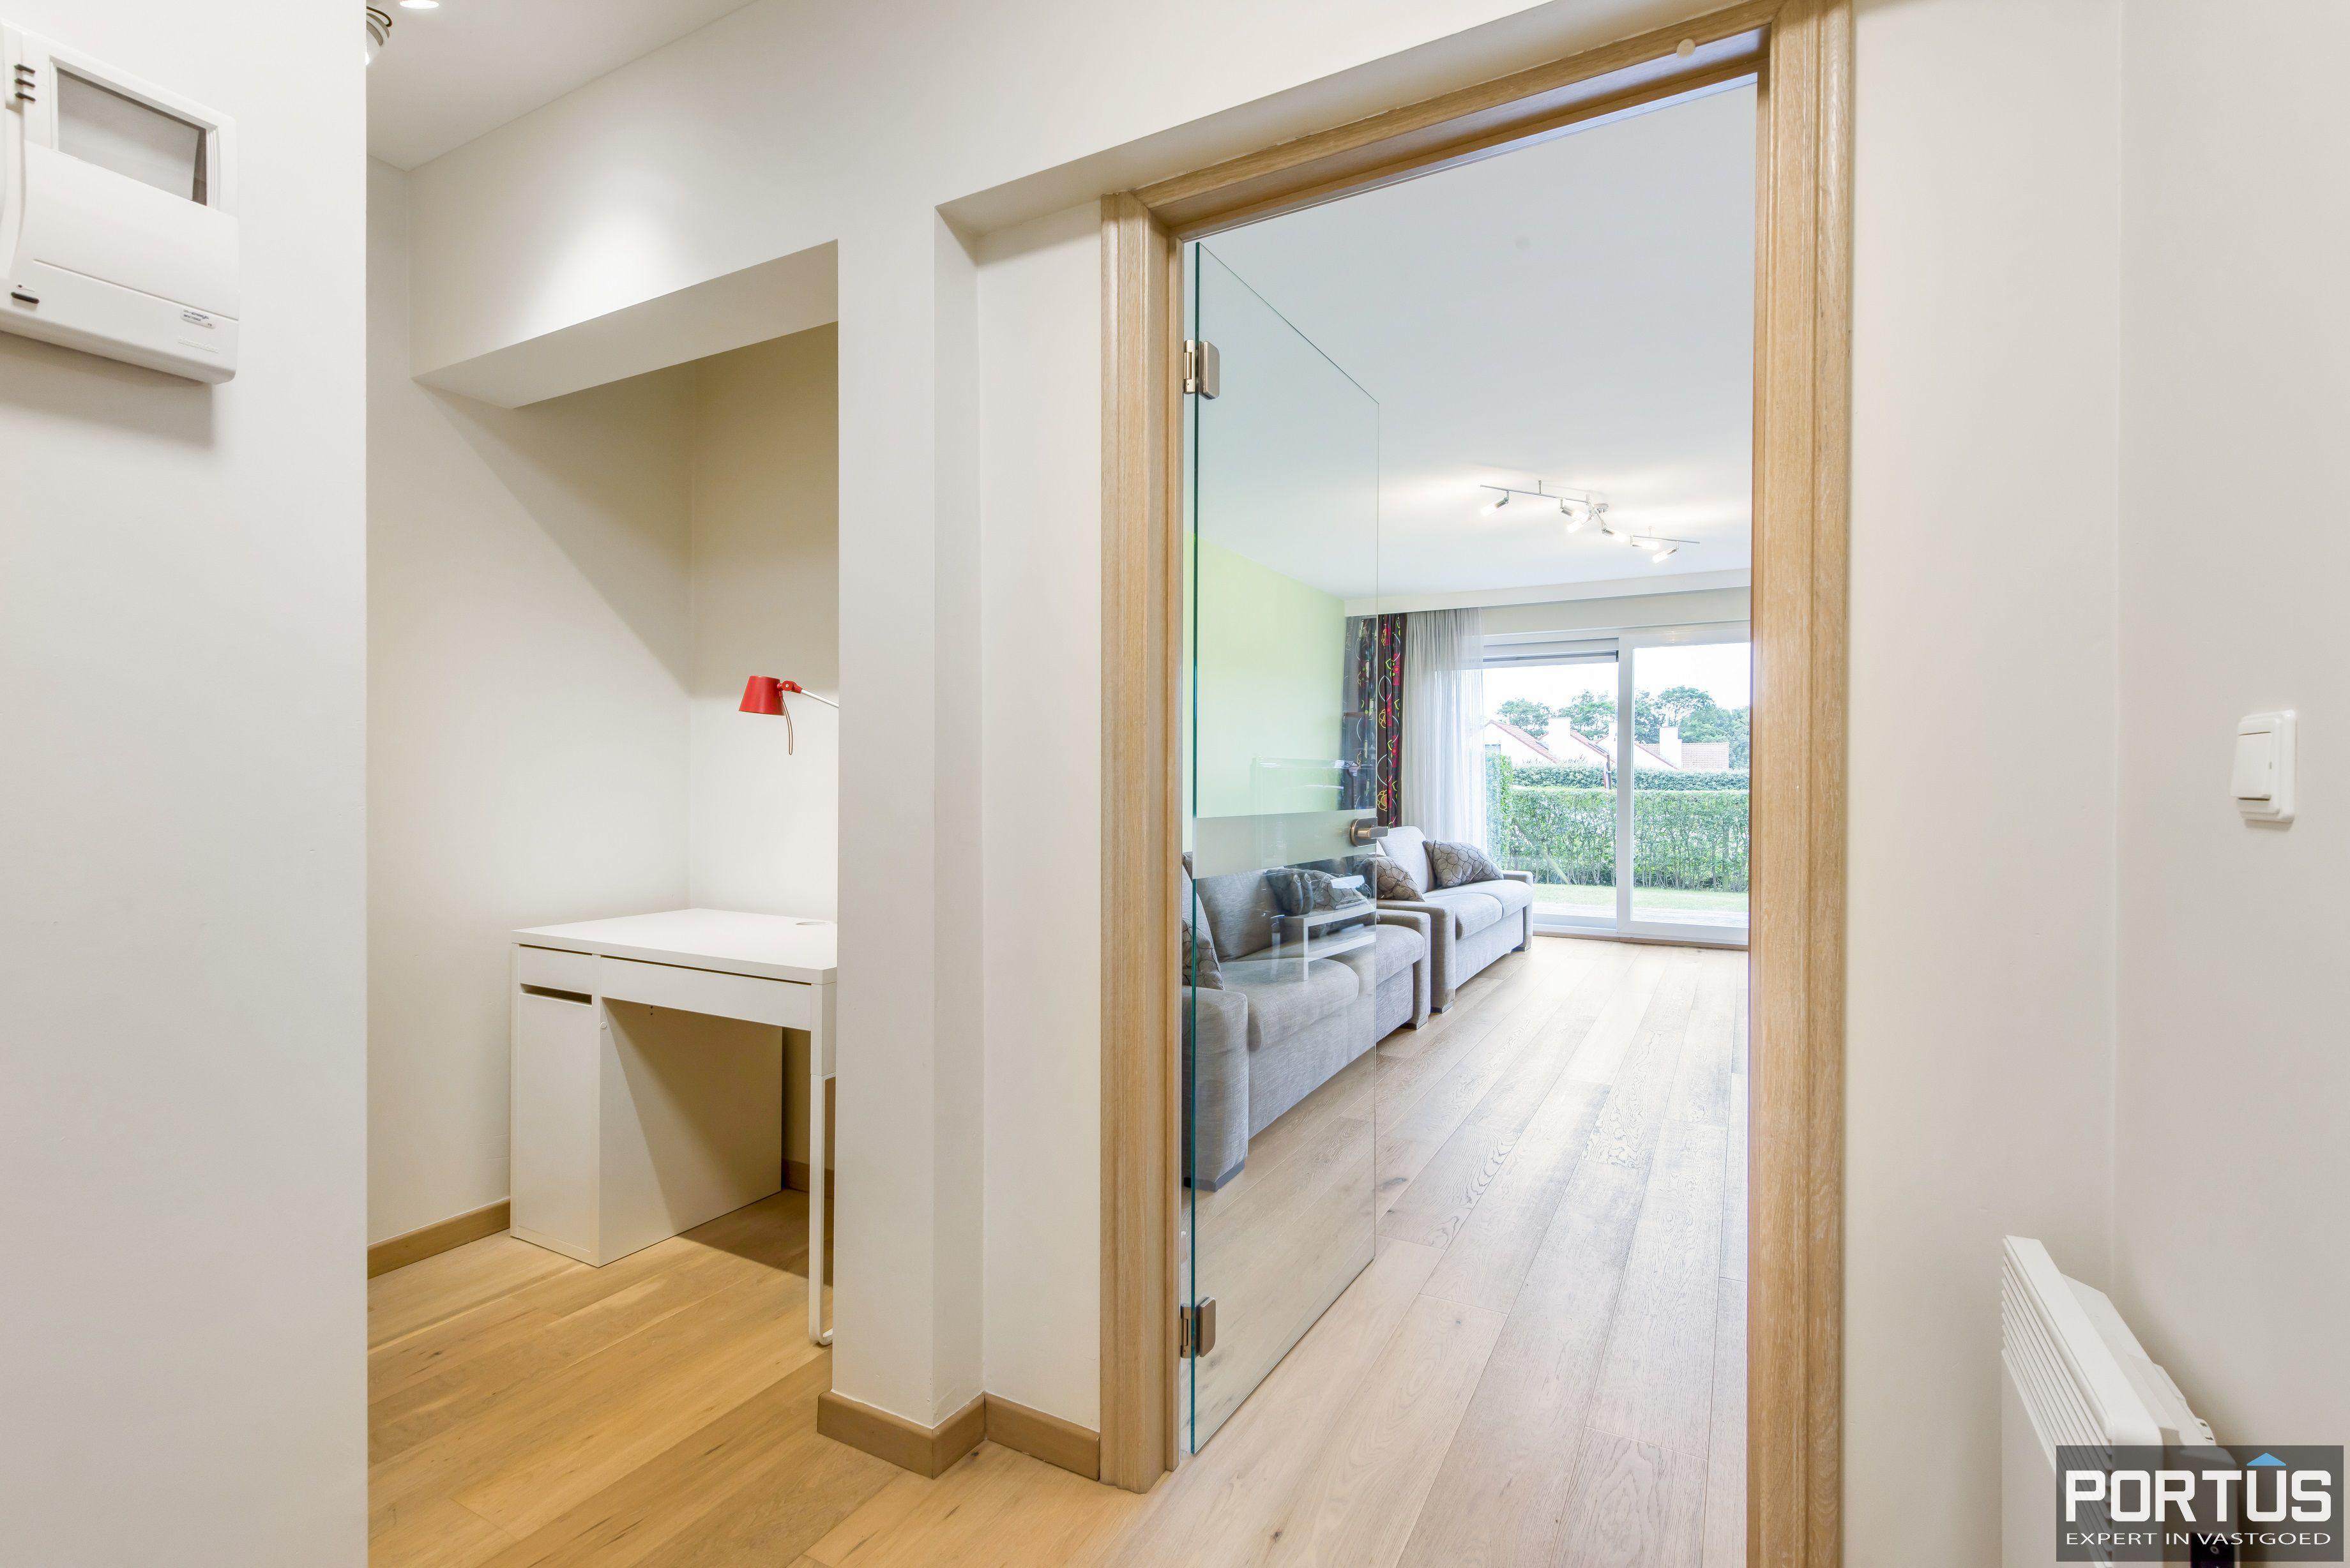 Gelijkvloers appartement te koop met 2 slaapkamers en privé tuin - 9844